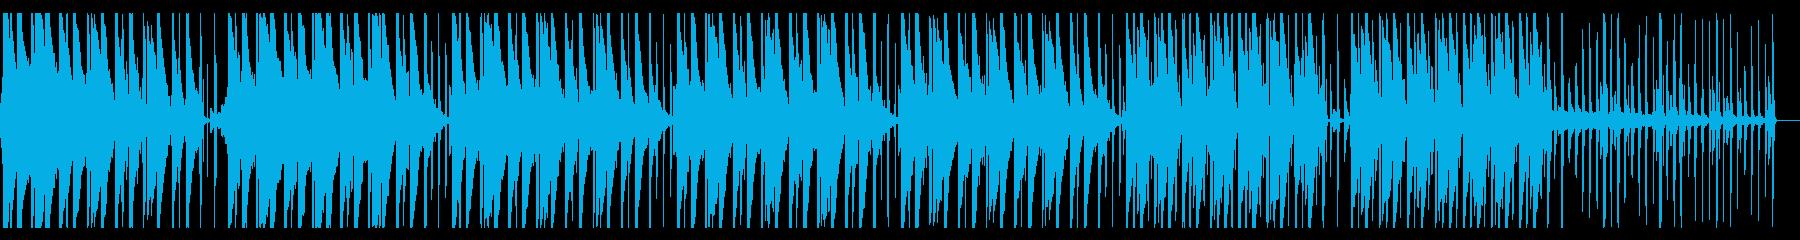 クール 無機質 渋めのテクスチャーの再生済みの波形